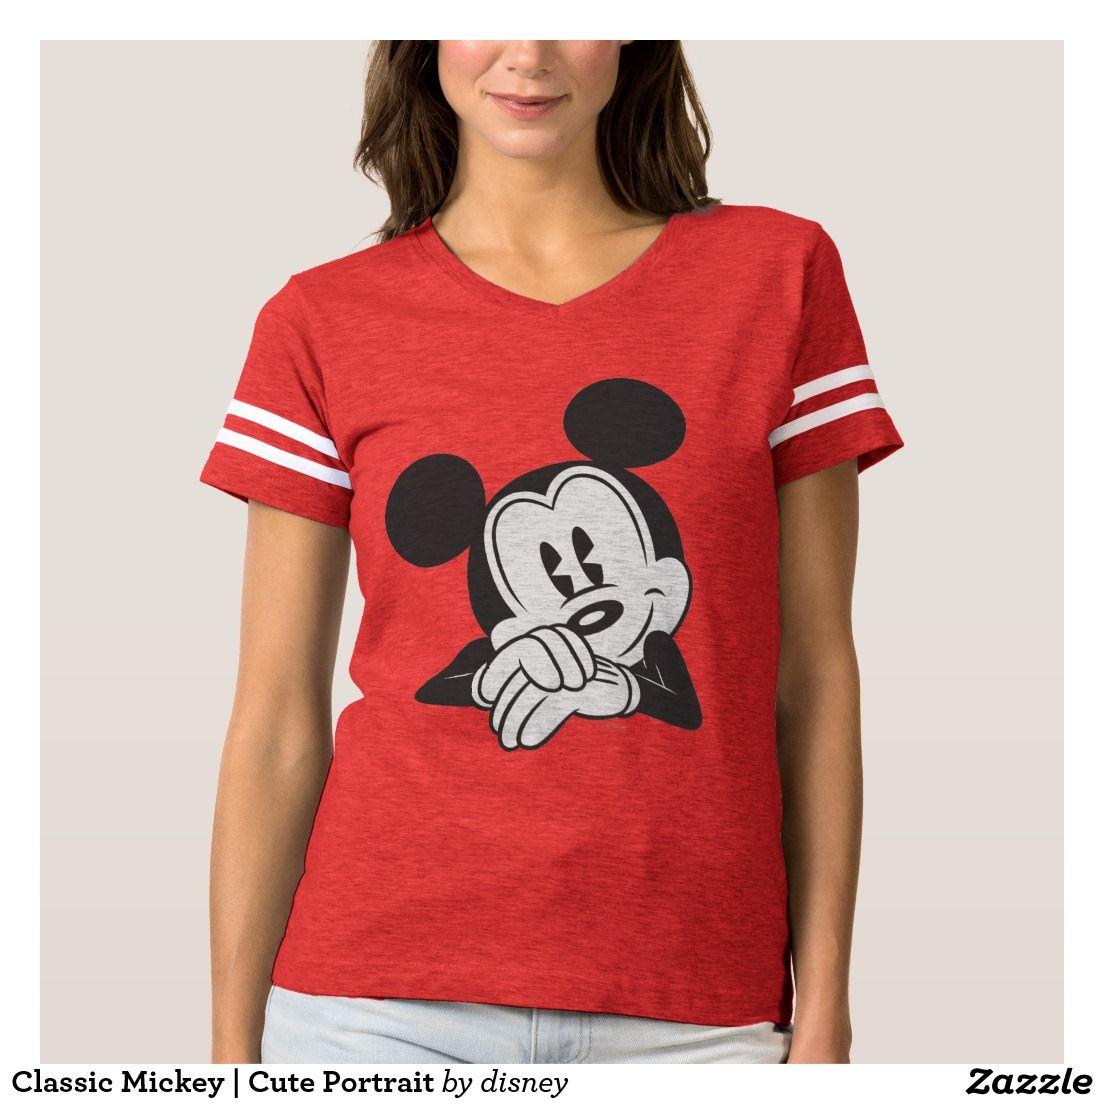 b5a8f02686b02 Classic Mickey